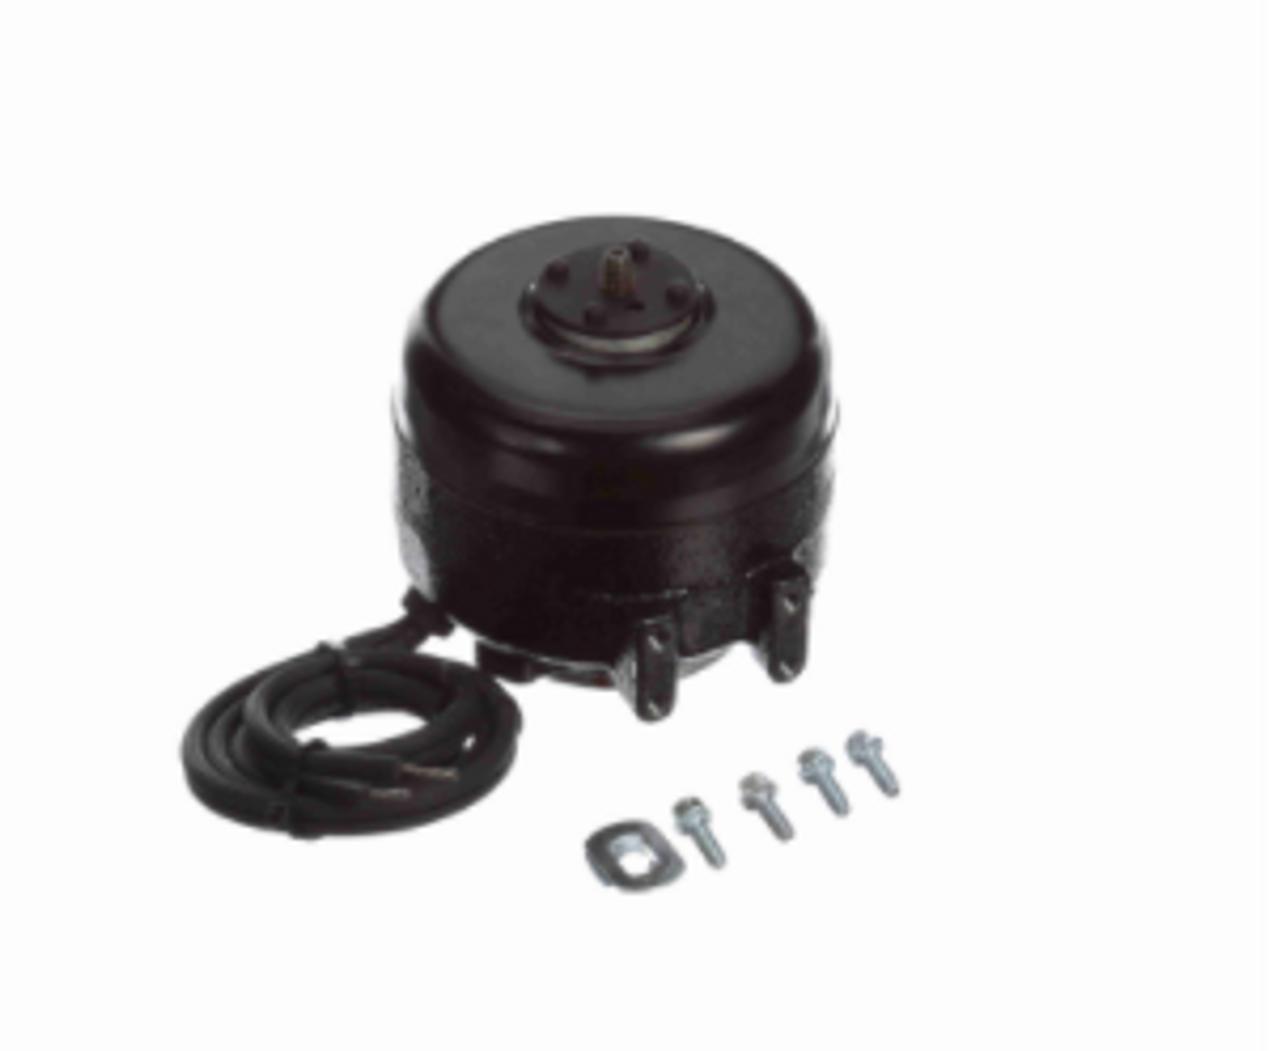 UB595-F FASCO 6 Watt Refrigeration Motor